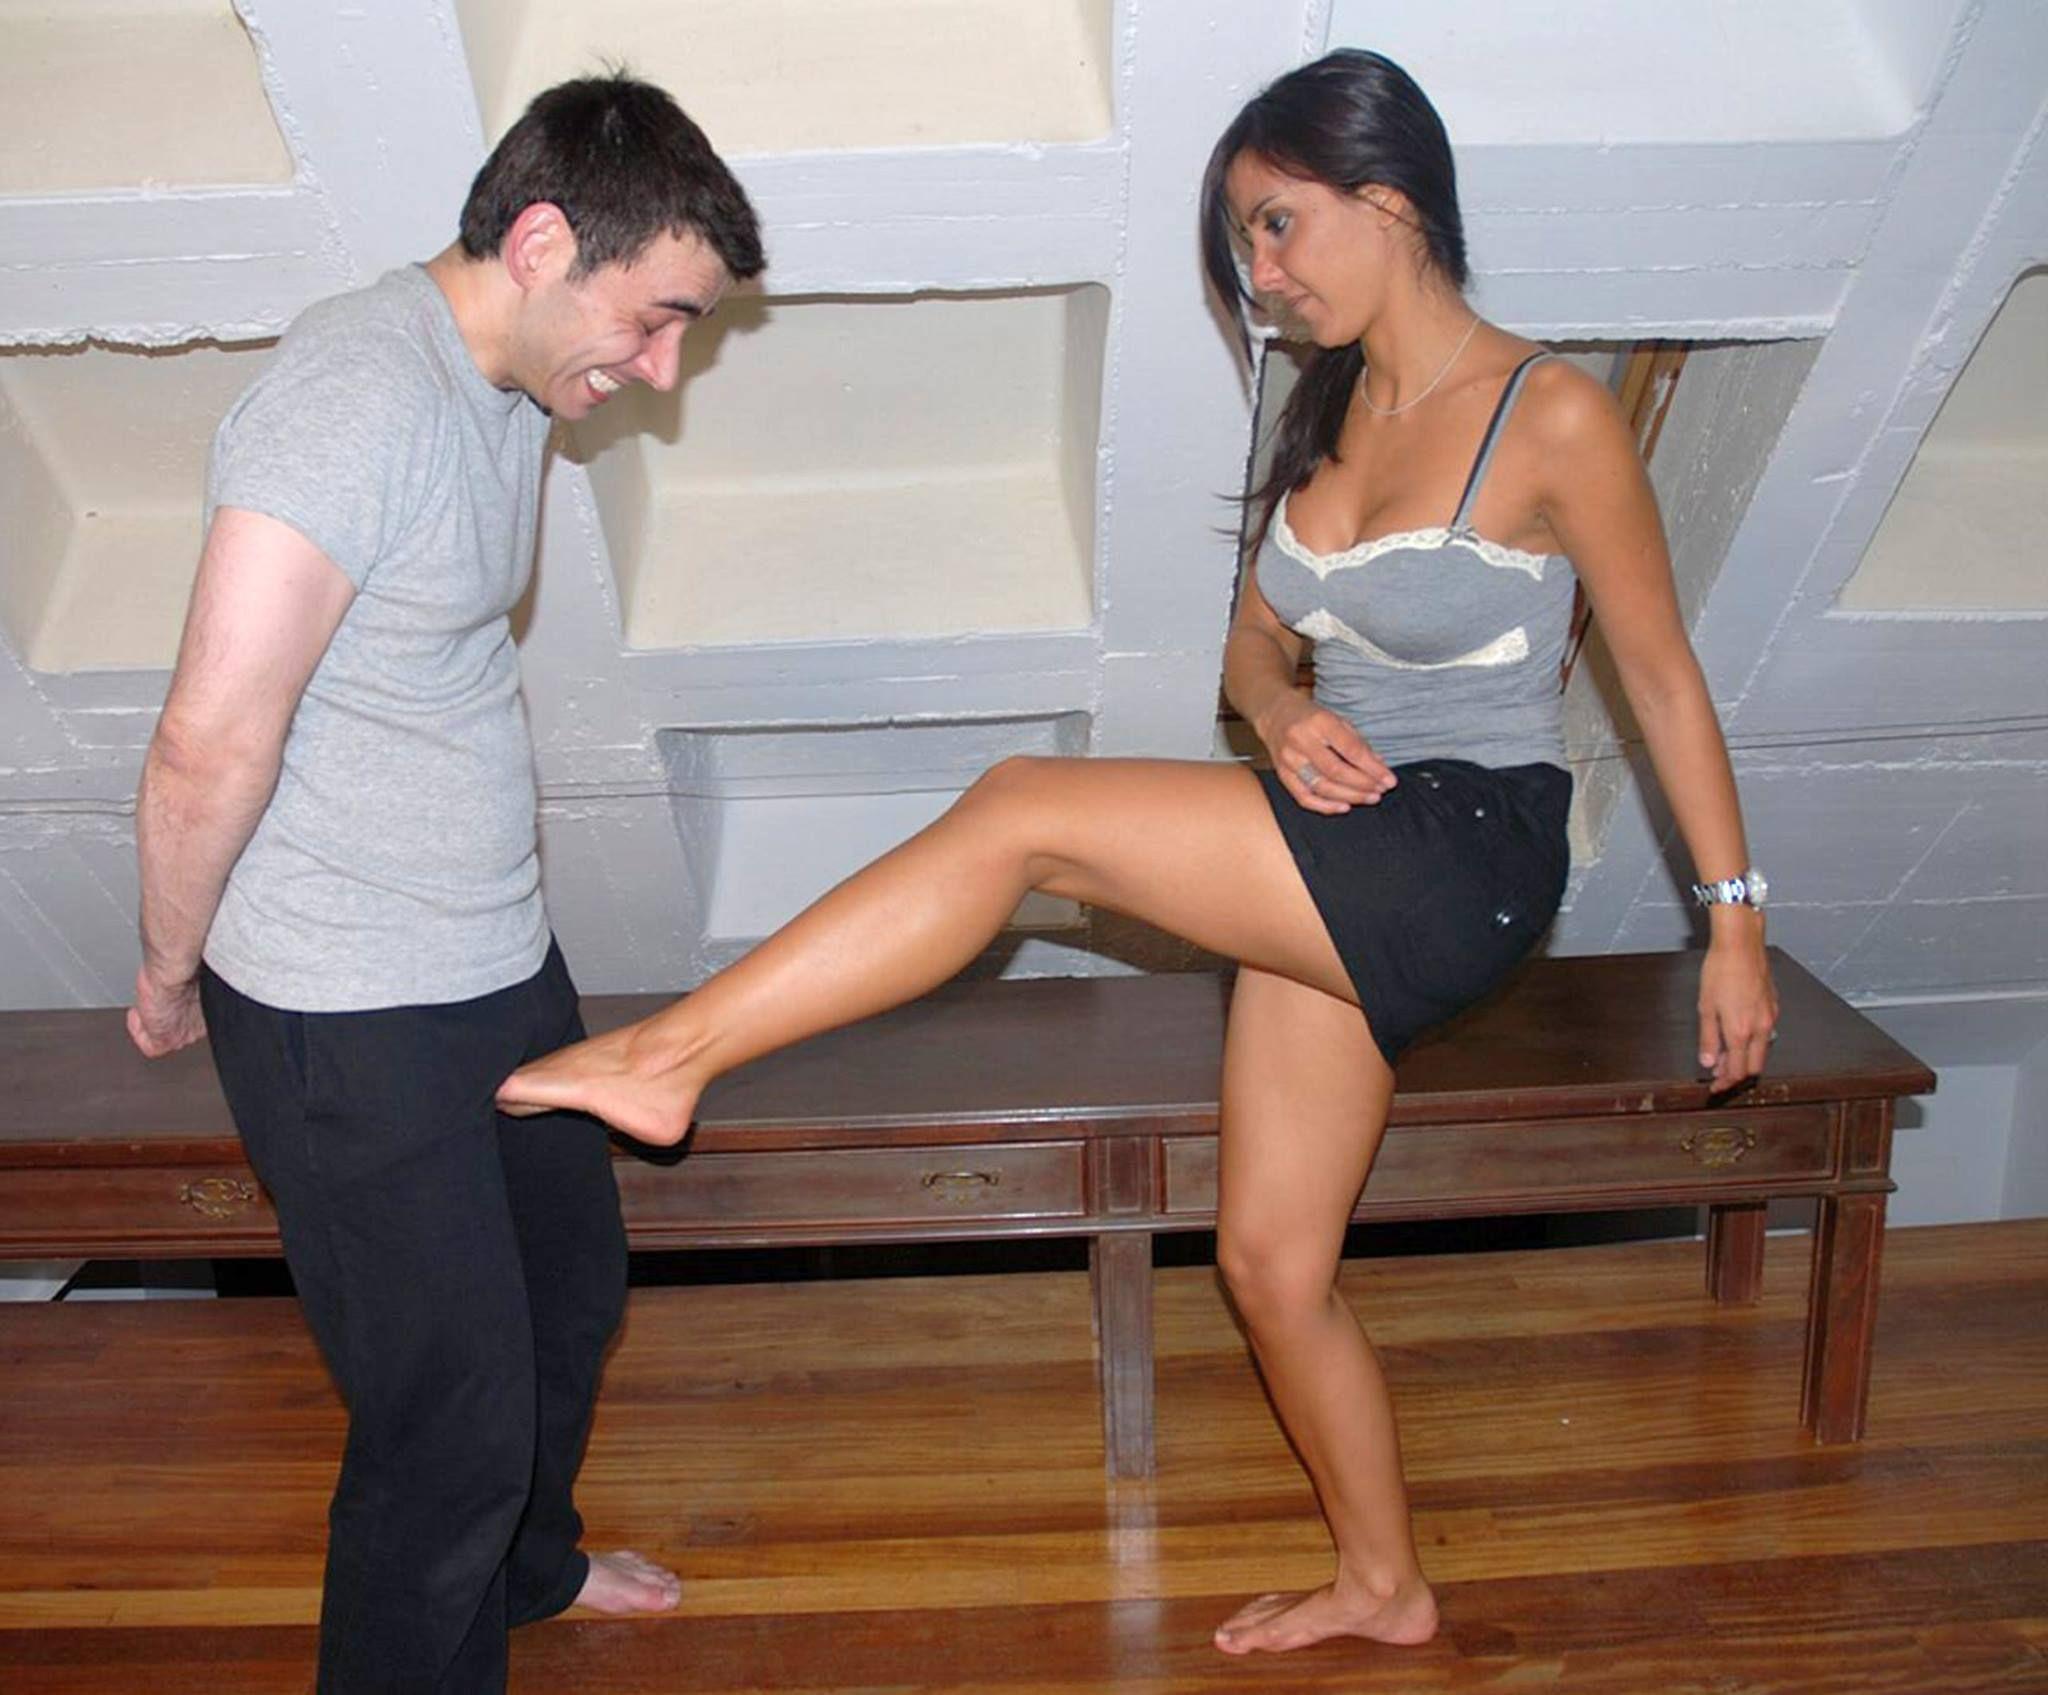 Hot Woman Teaching Self Defense Kicking And Ballbusting Wearing Miniskirt